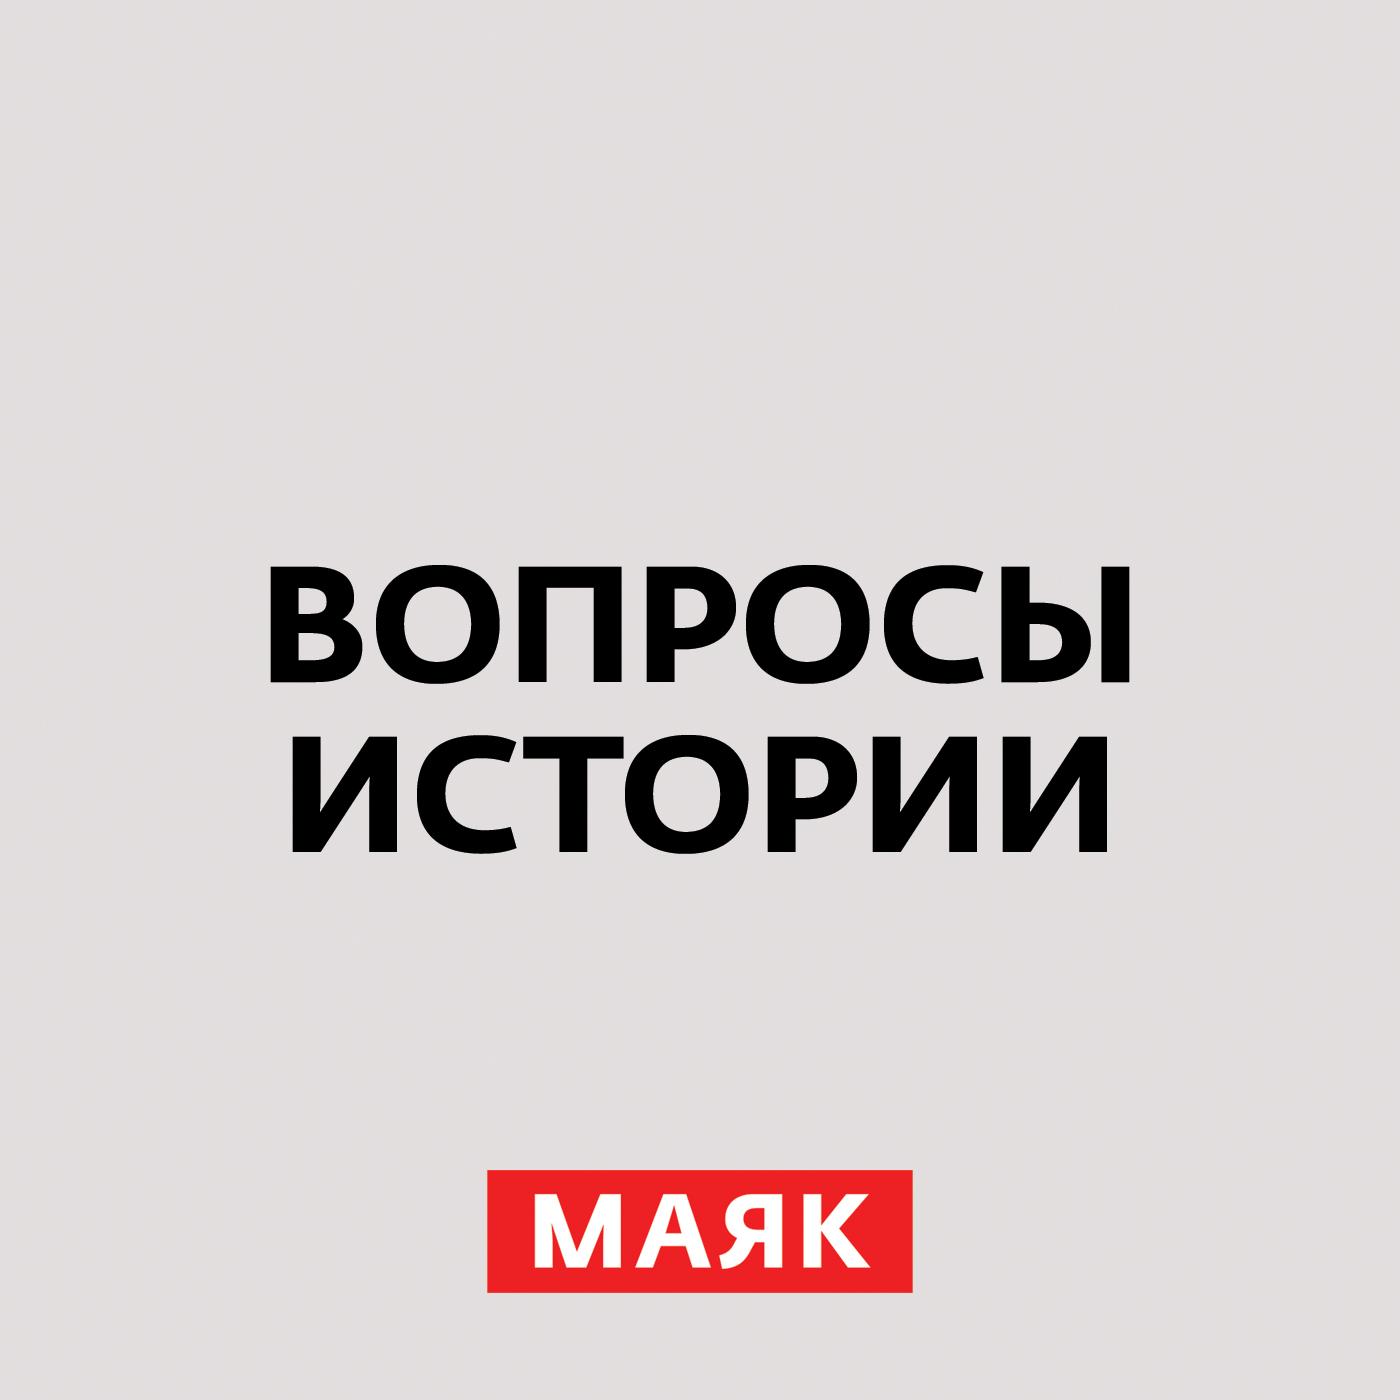 Андрей Светенко Демон революции Александр Парвус соколов б парвус деньги и кровь революции